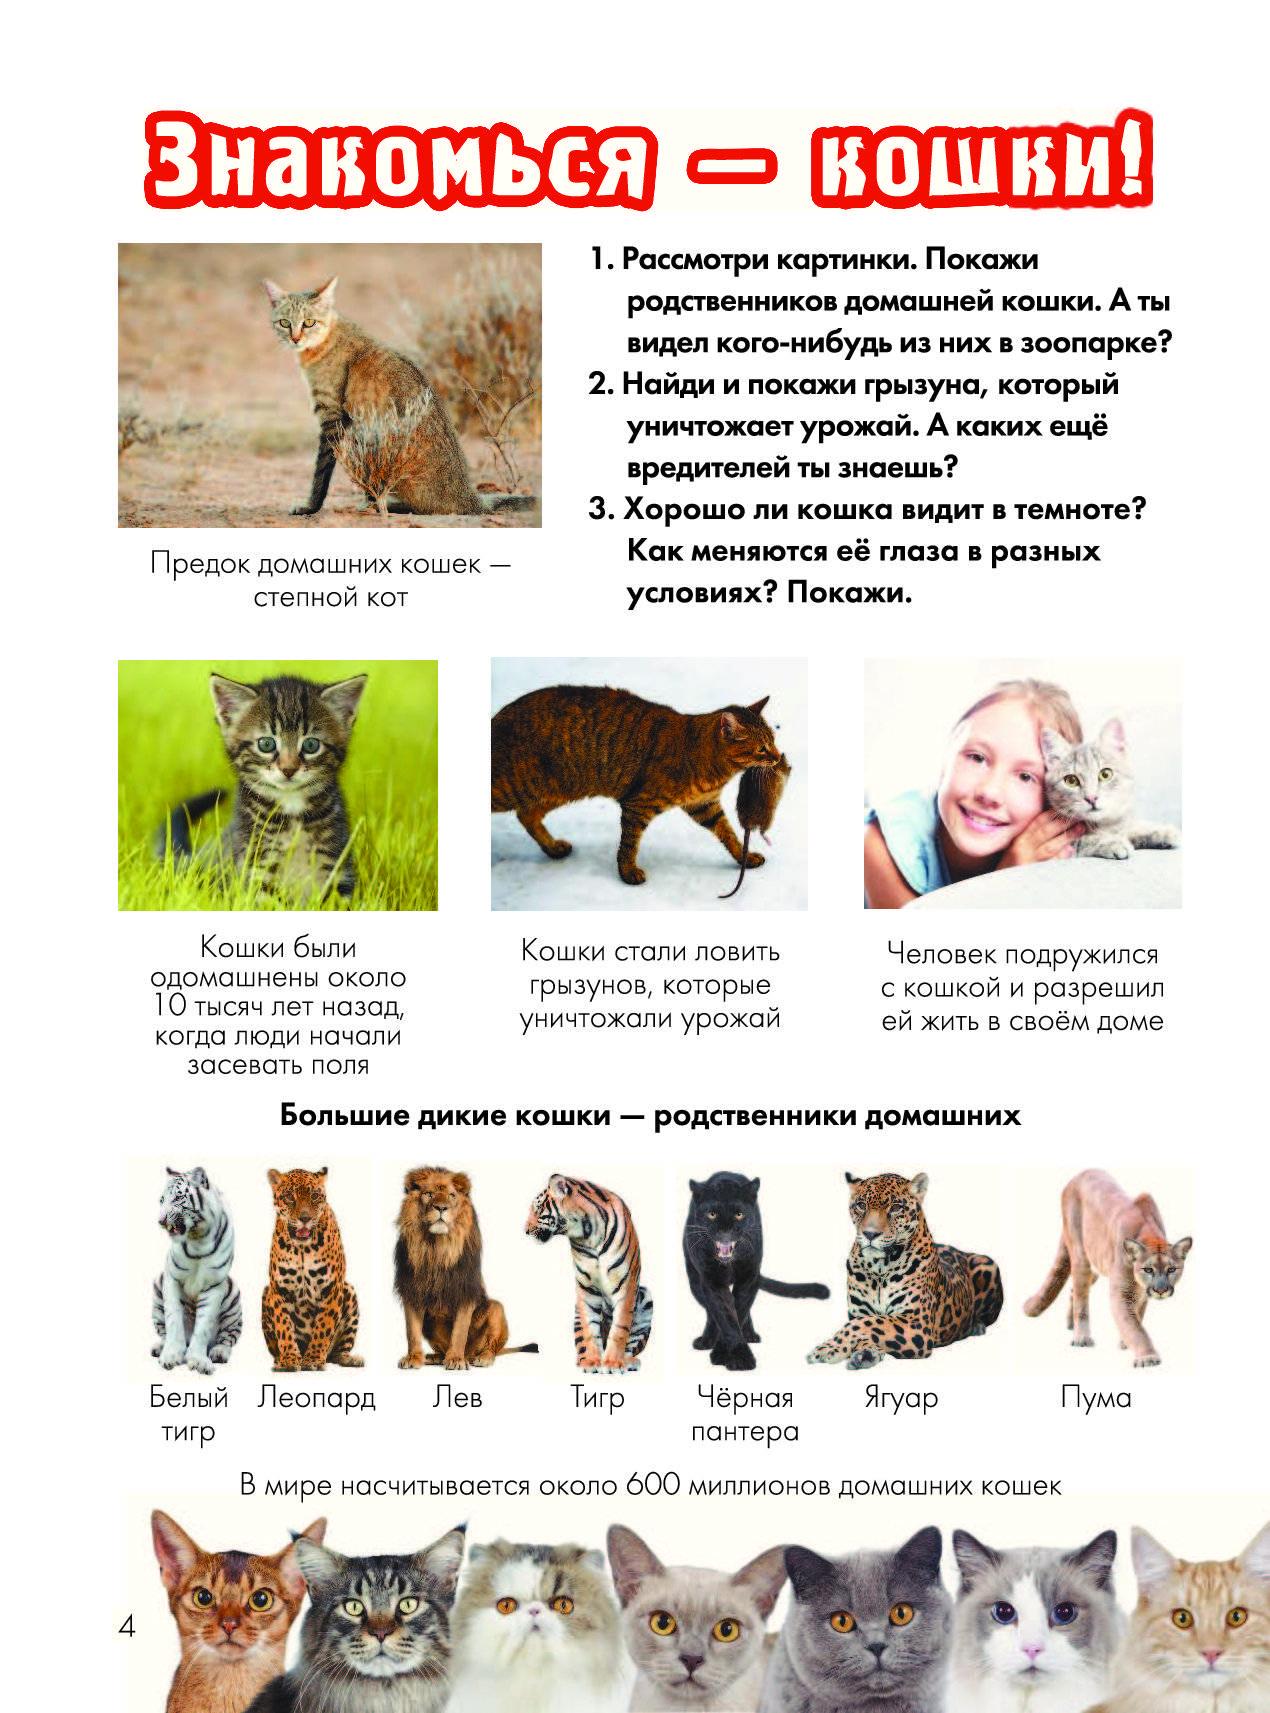 Семейство кошачьи, представители, классификация кошачьих, признаки кошек, строение, инстинкты, органы чувств кошачьих